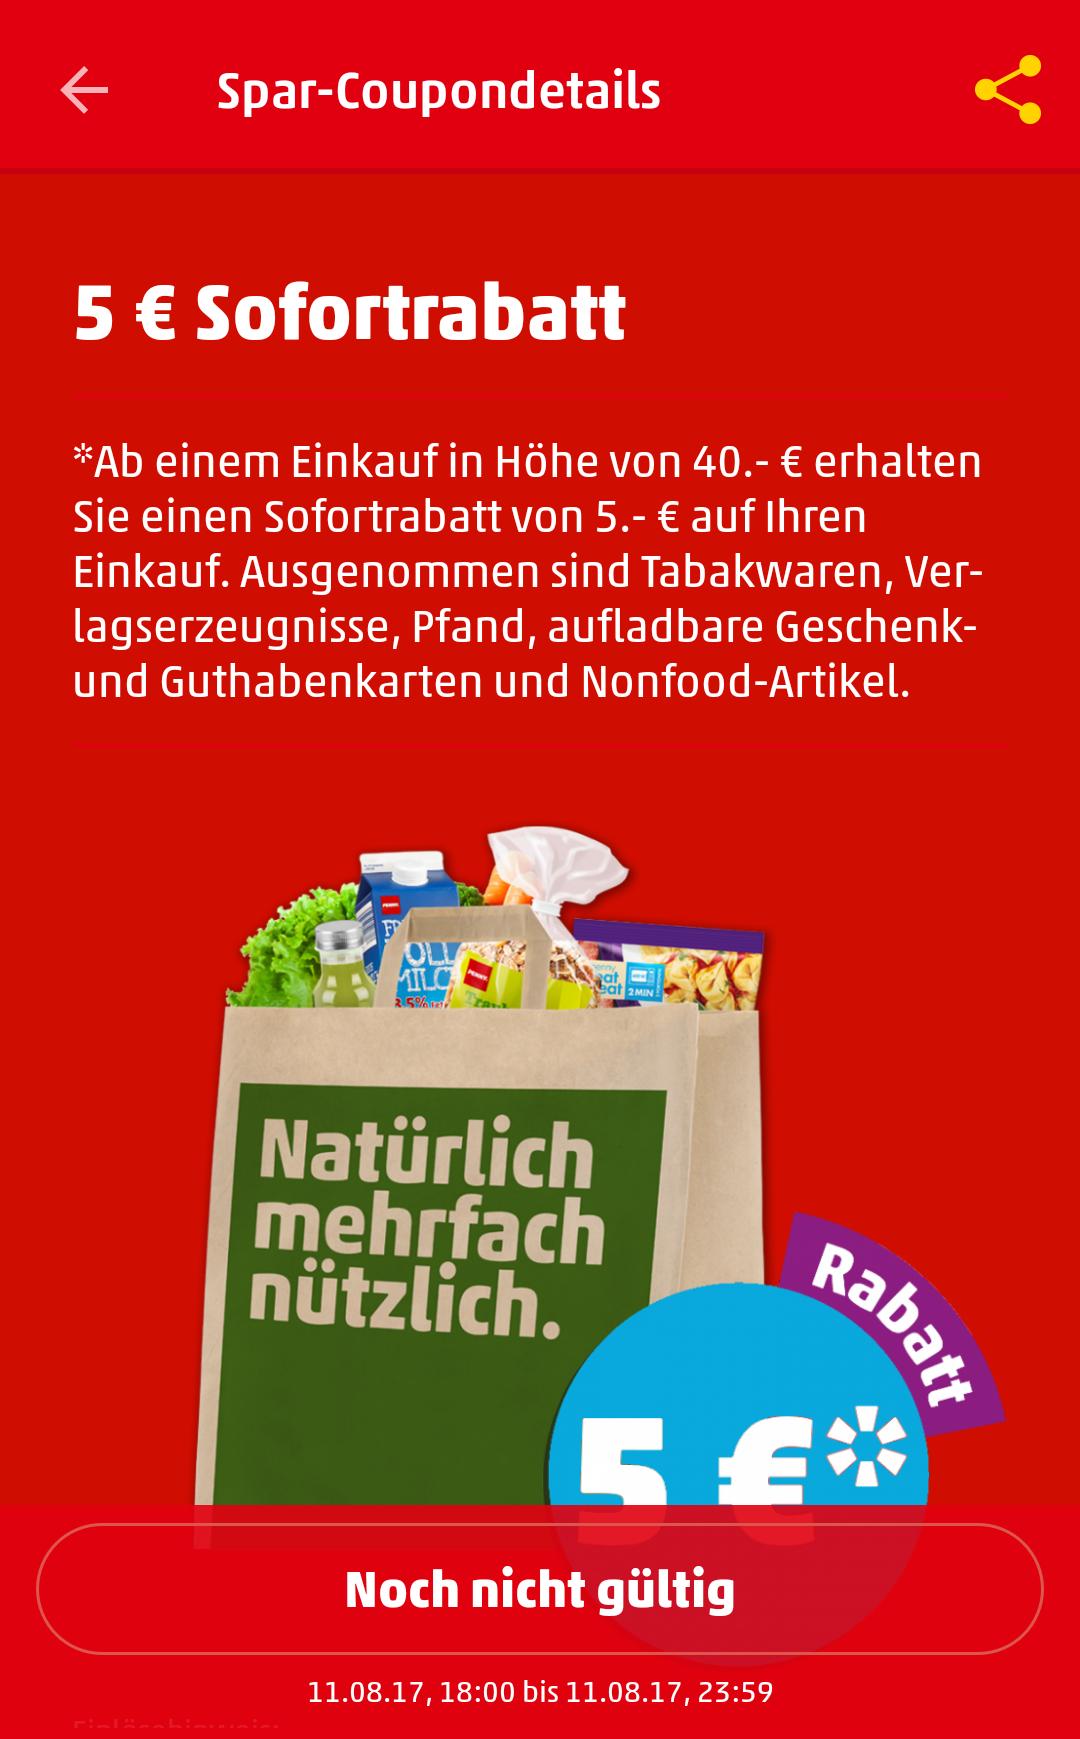 [Penny App] 5 Euro Sofortrabatt bei 40 Euro Einkaufswert nur gültig am 11.08 von 18:00 - 23:59 Uhr